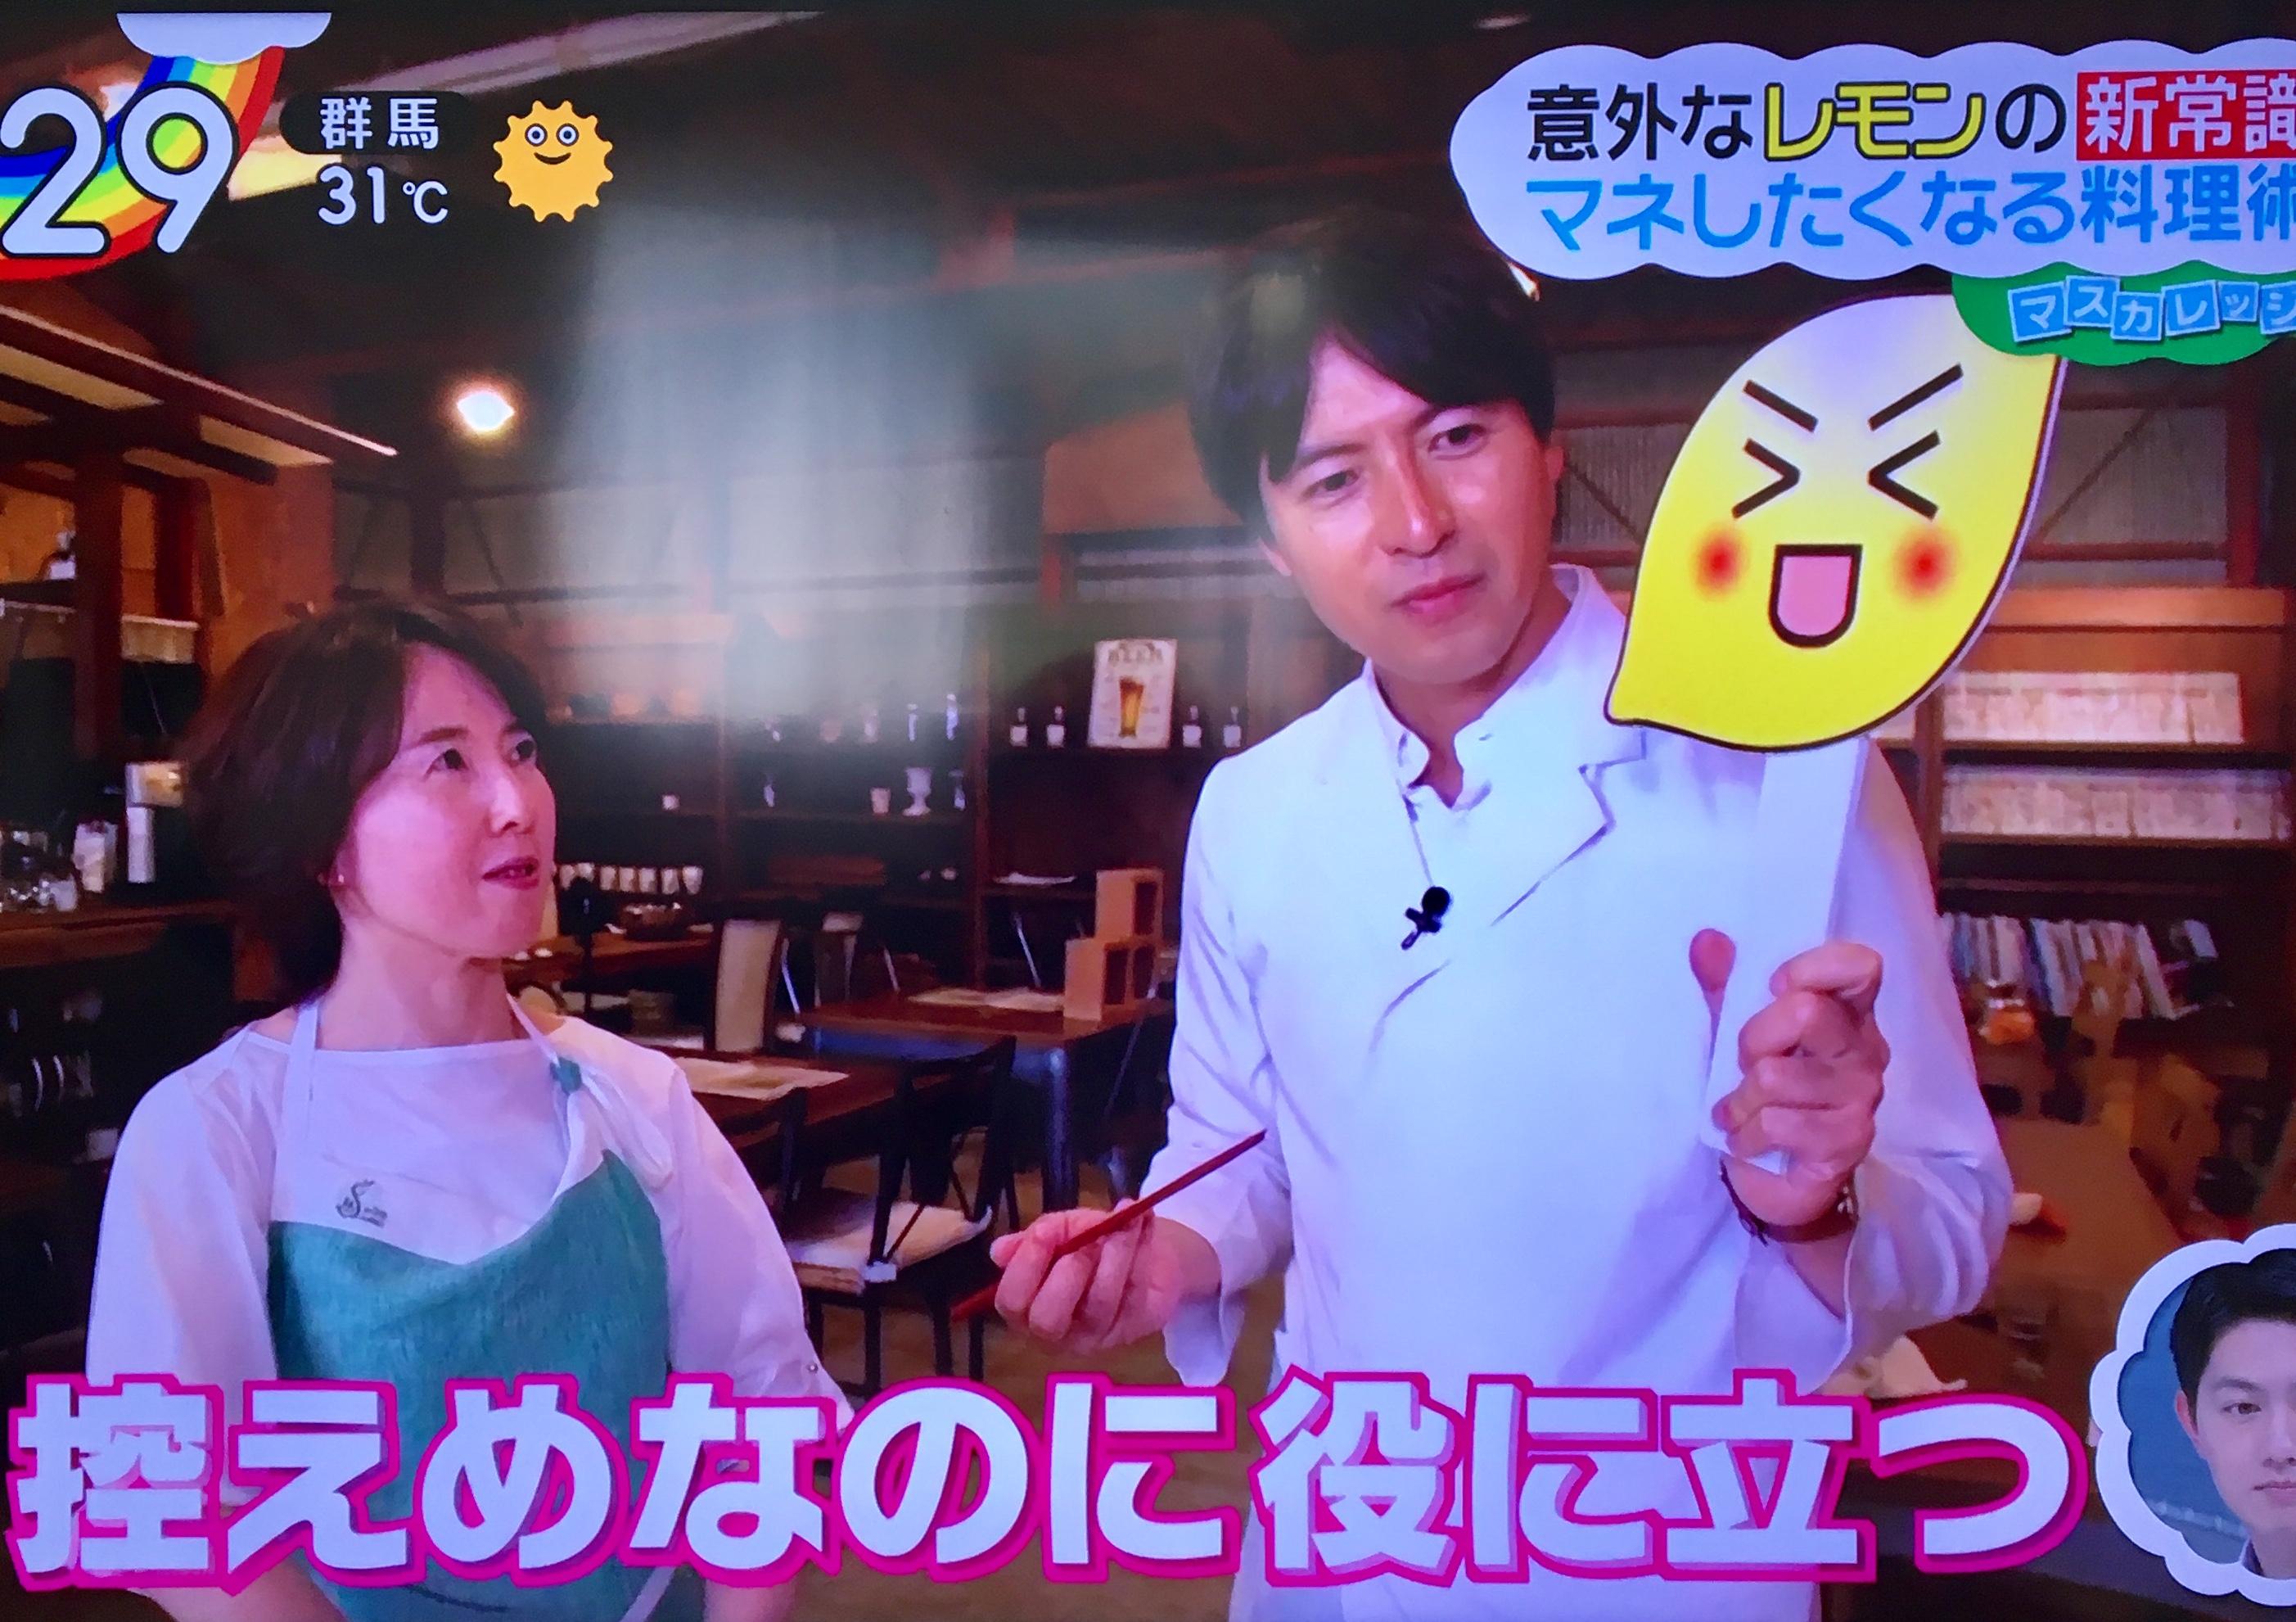 【テレビ出演】日テレ「ZIP」レモンを科学する